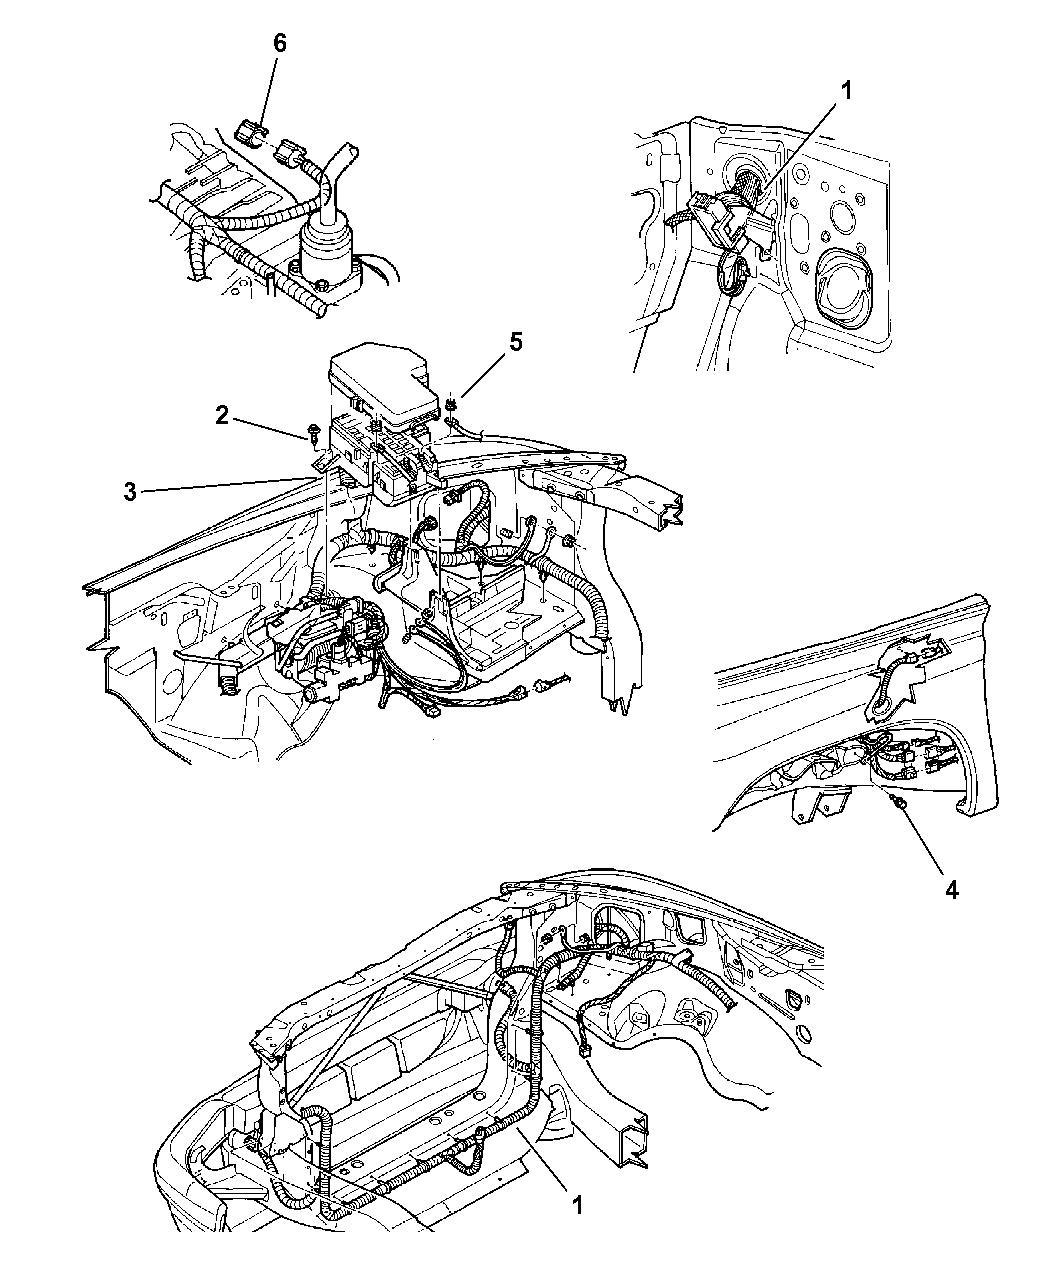 1998 Dodge Dakota Manual Transmission Parts Diagram Wiring